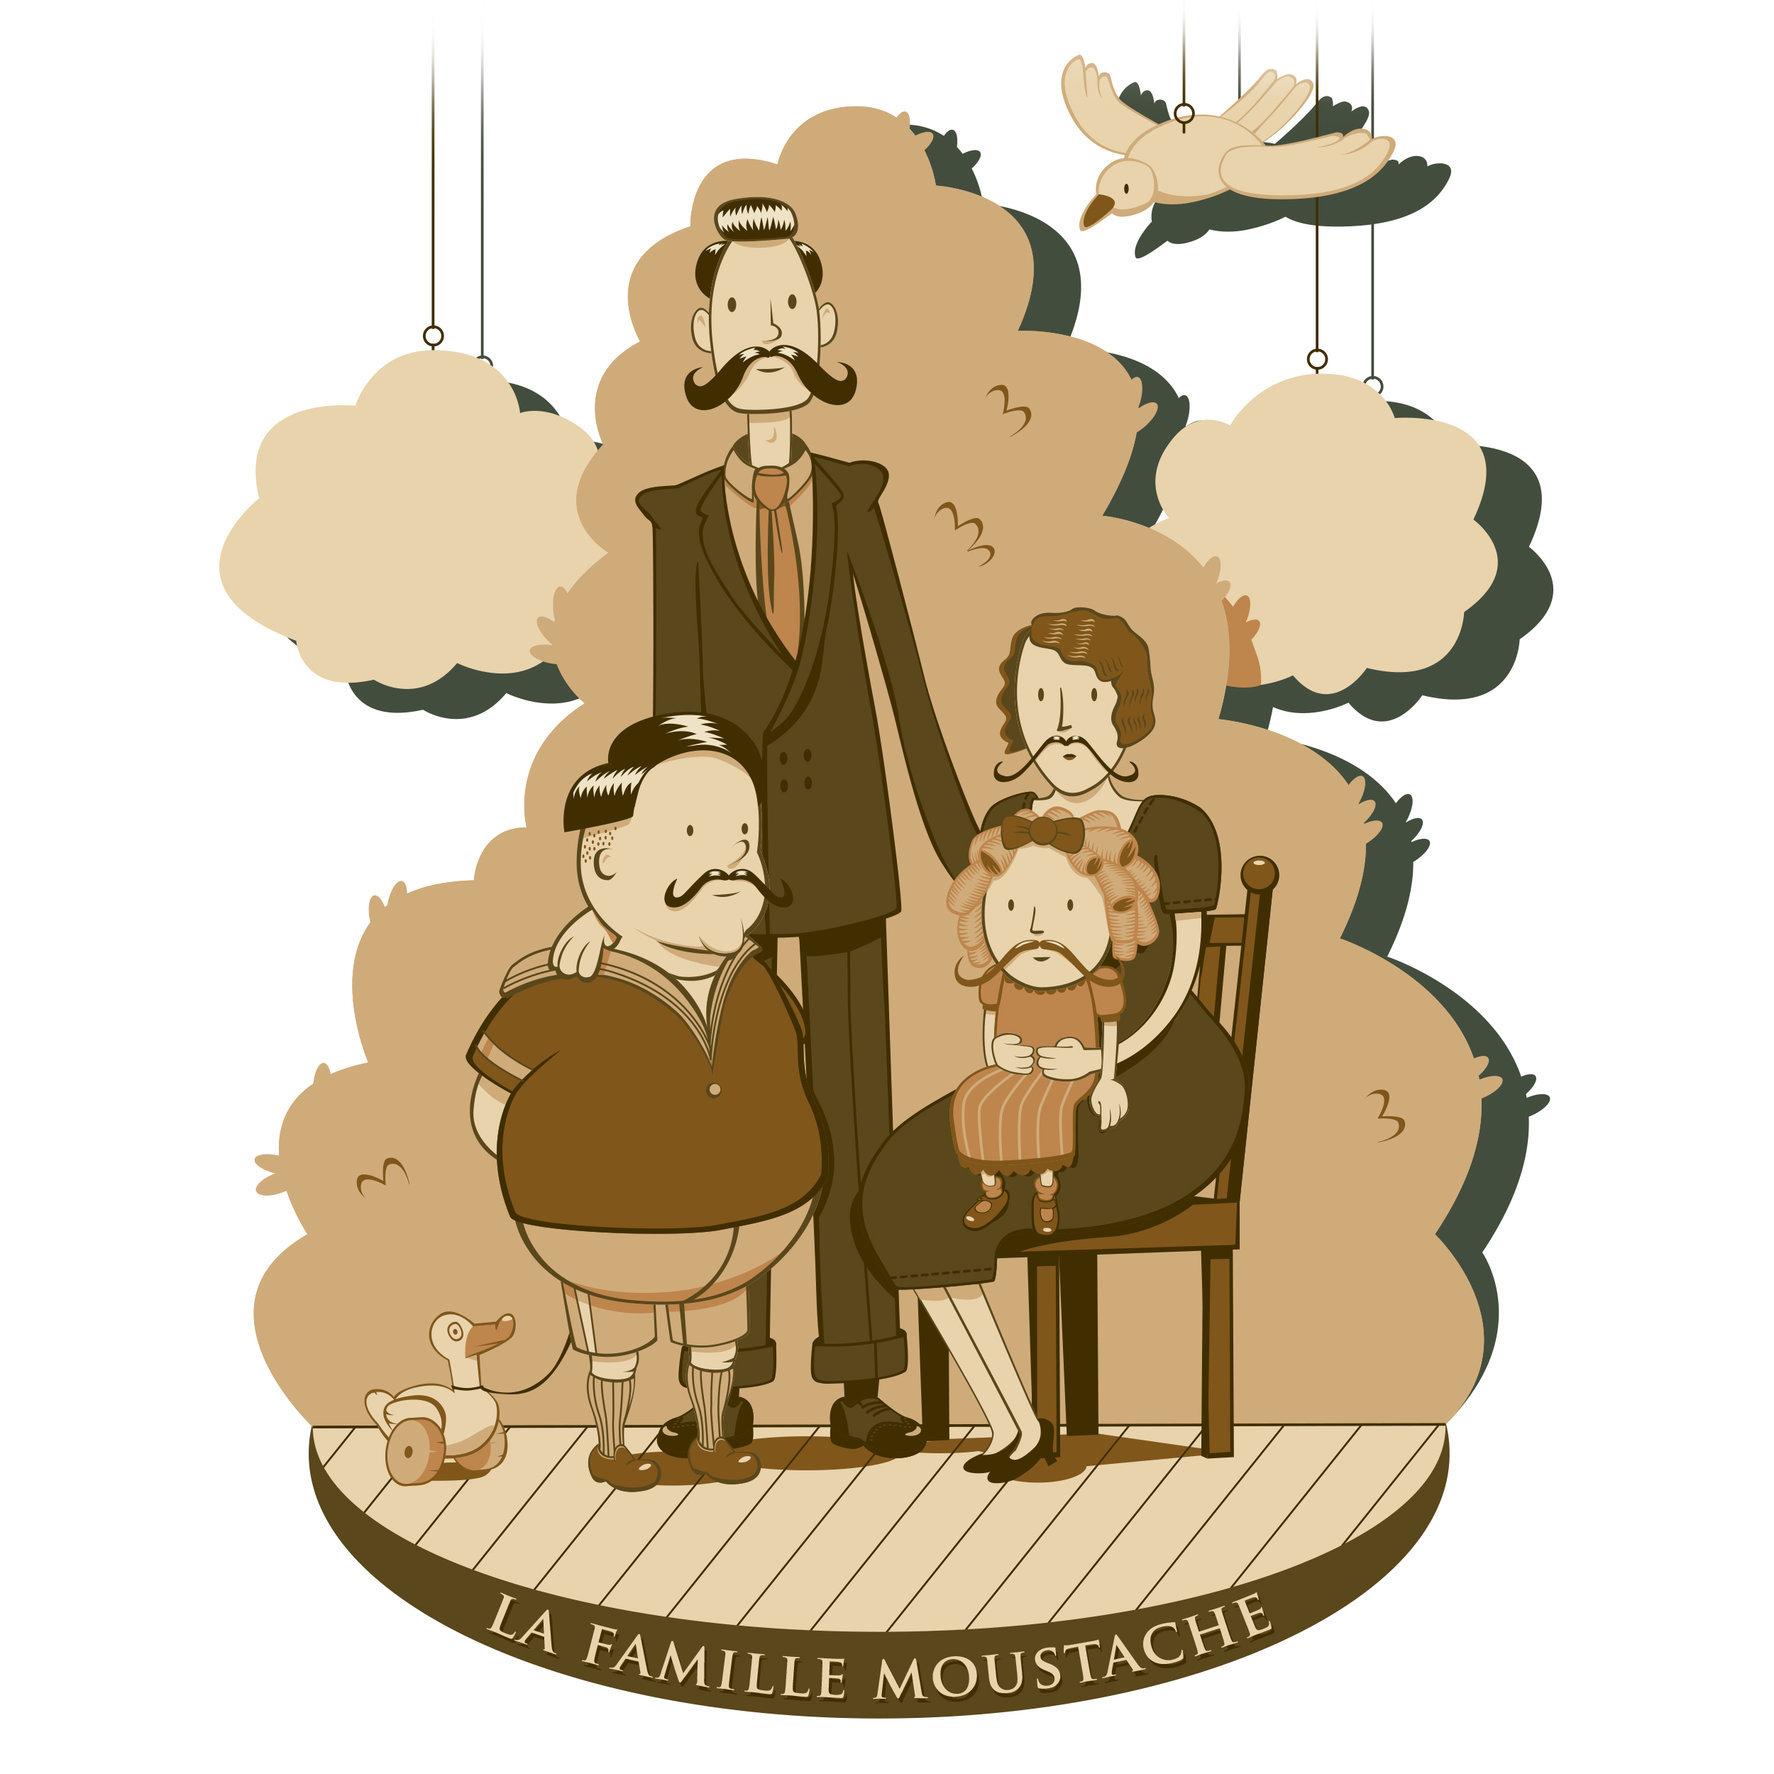 La famille moustache